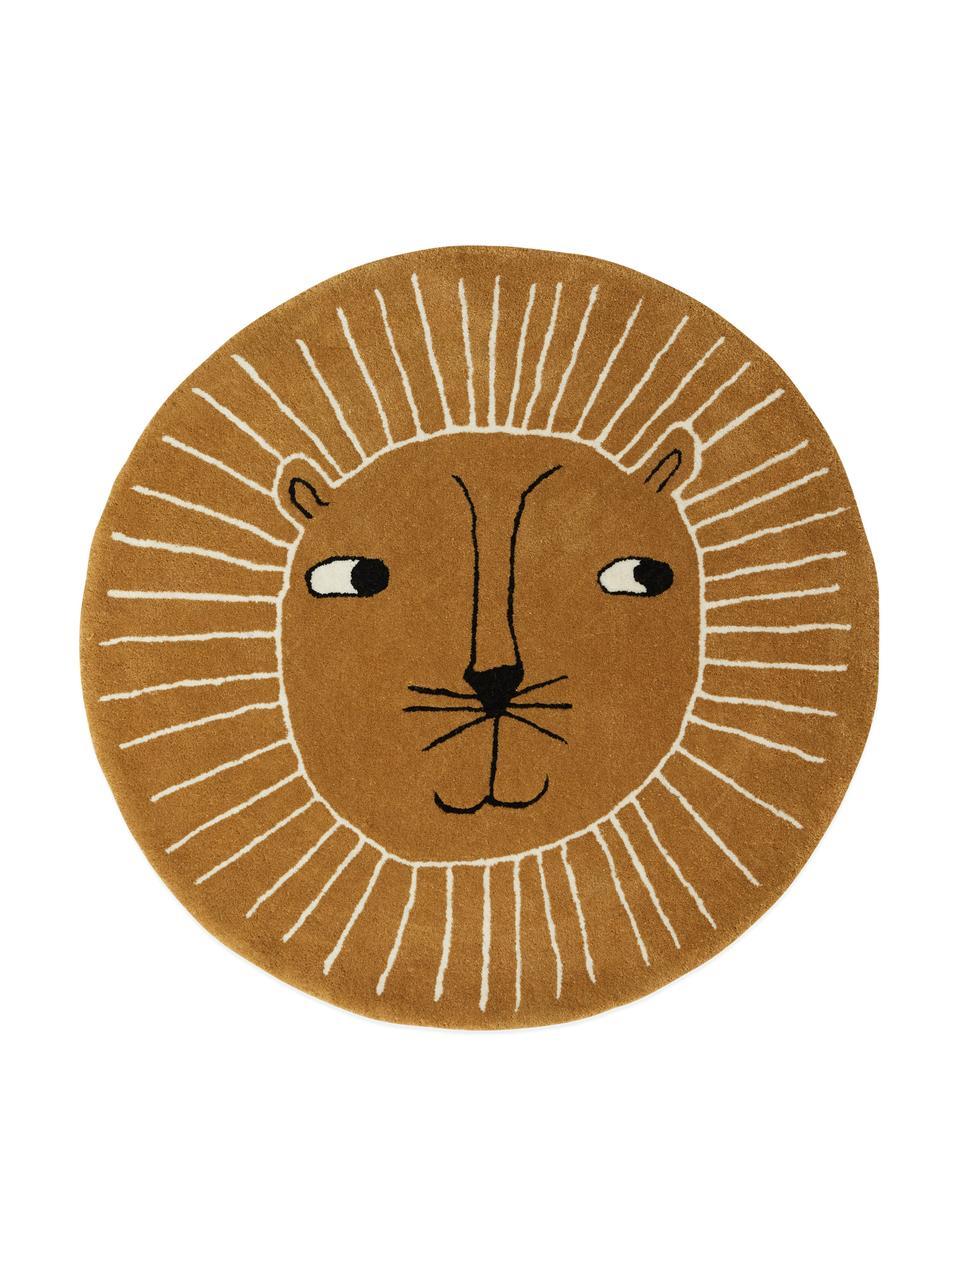 Dywan z wełny Lion, 80% wełna, 20% bawełna, Karmelowy brązowy, czarny, biały, Ø 95 cm